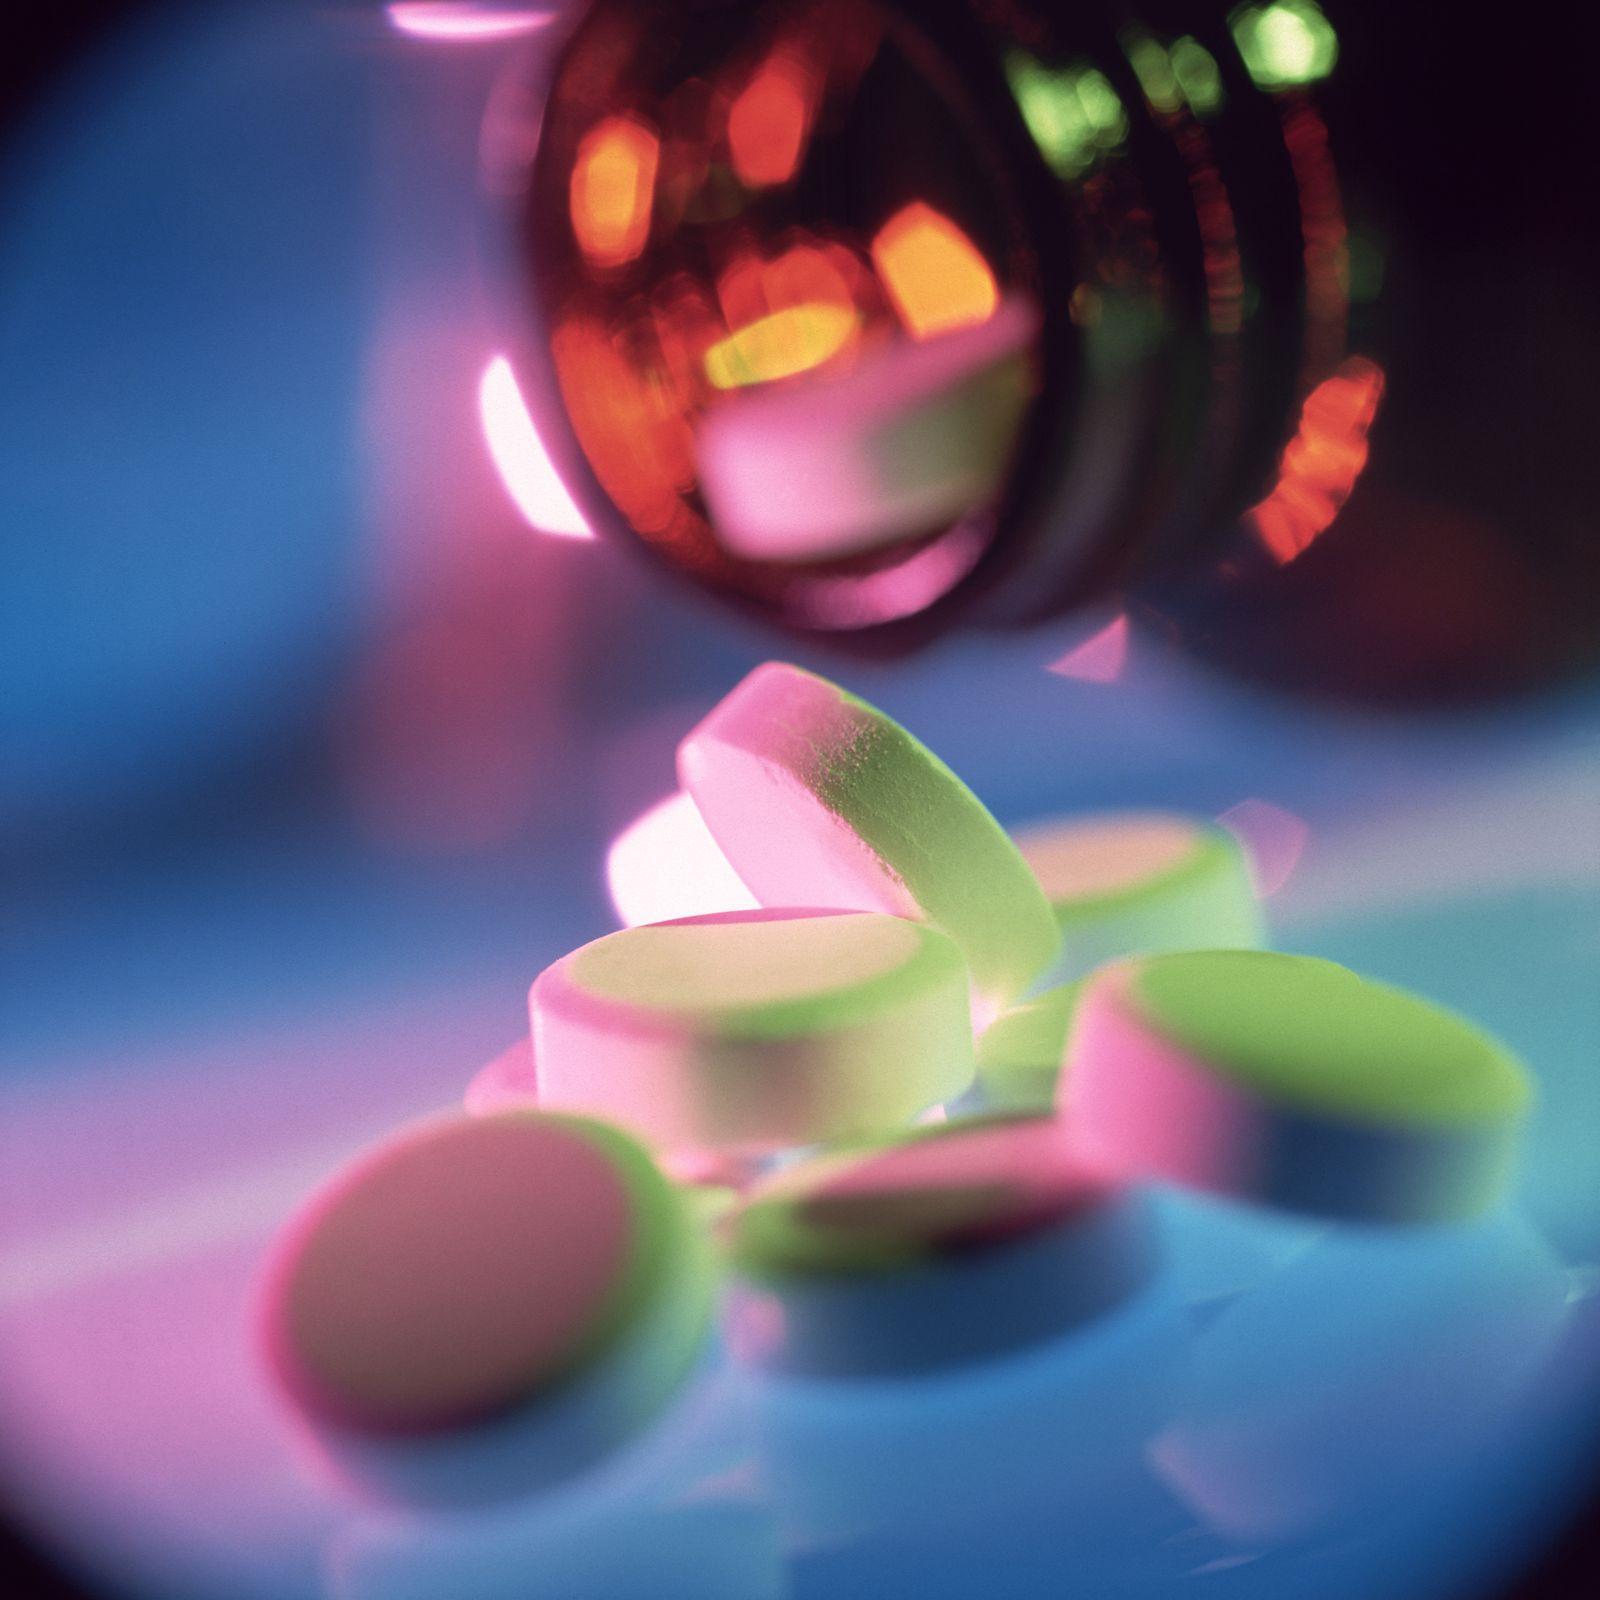 NICHT MEHR VERWENDEN! - SYMBOLBILD Pillen / Drogen / Medizin / Tabletten